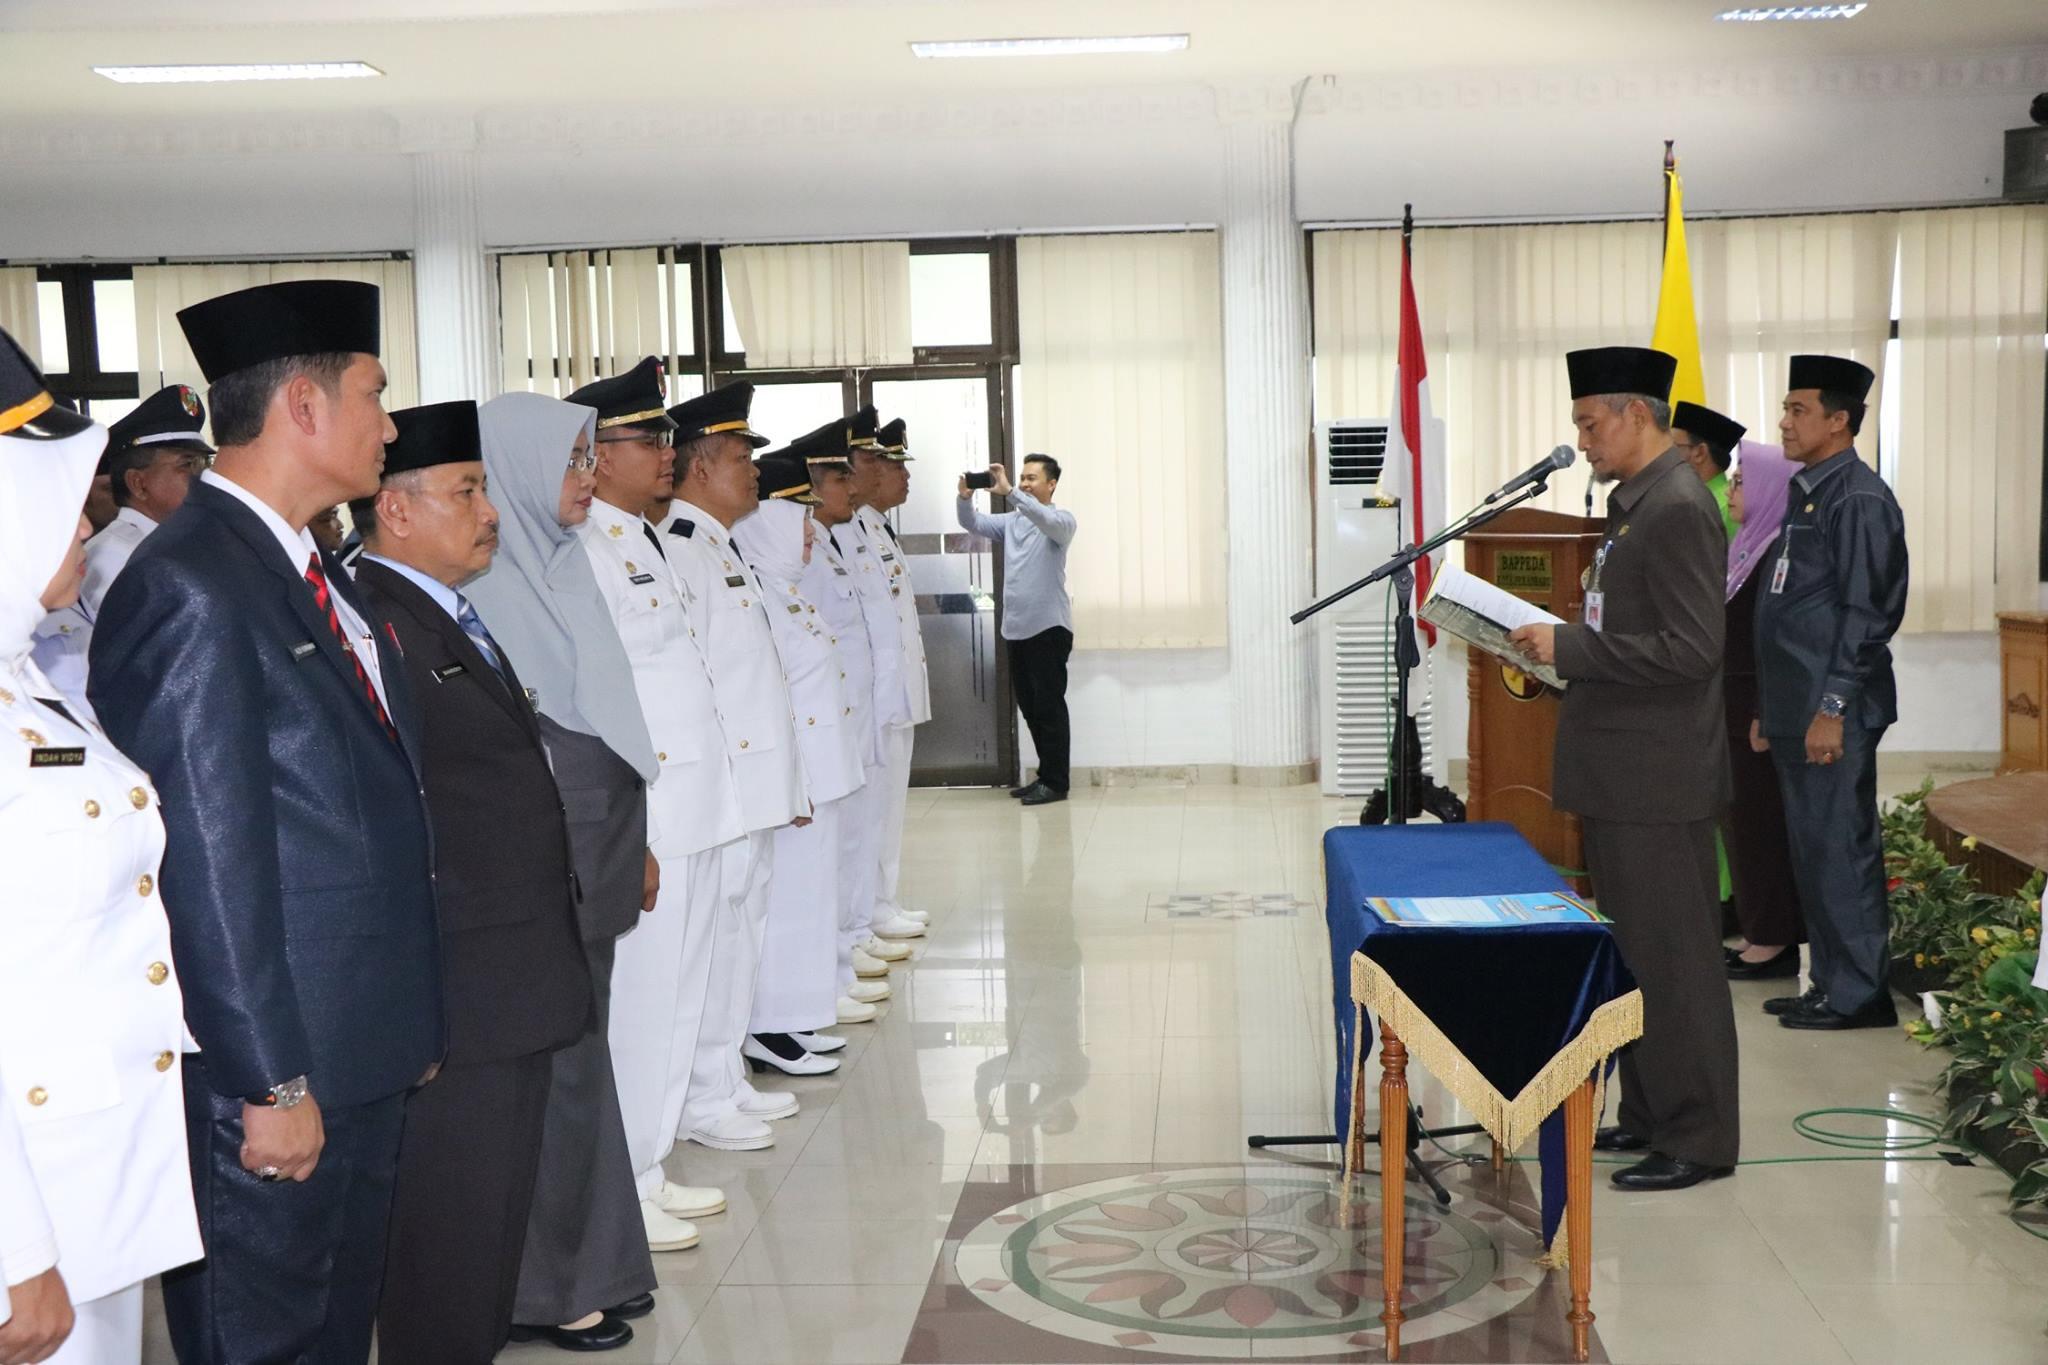 Wakil Walikota Pekanbaru Ayat Cahyadi,S.Si Mengukuhkan, Melantik dan Pengambilan Sumpah/Janji Jabata